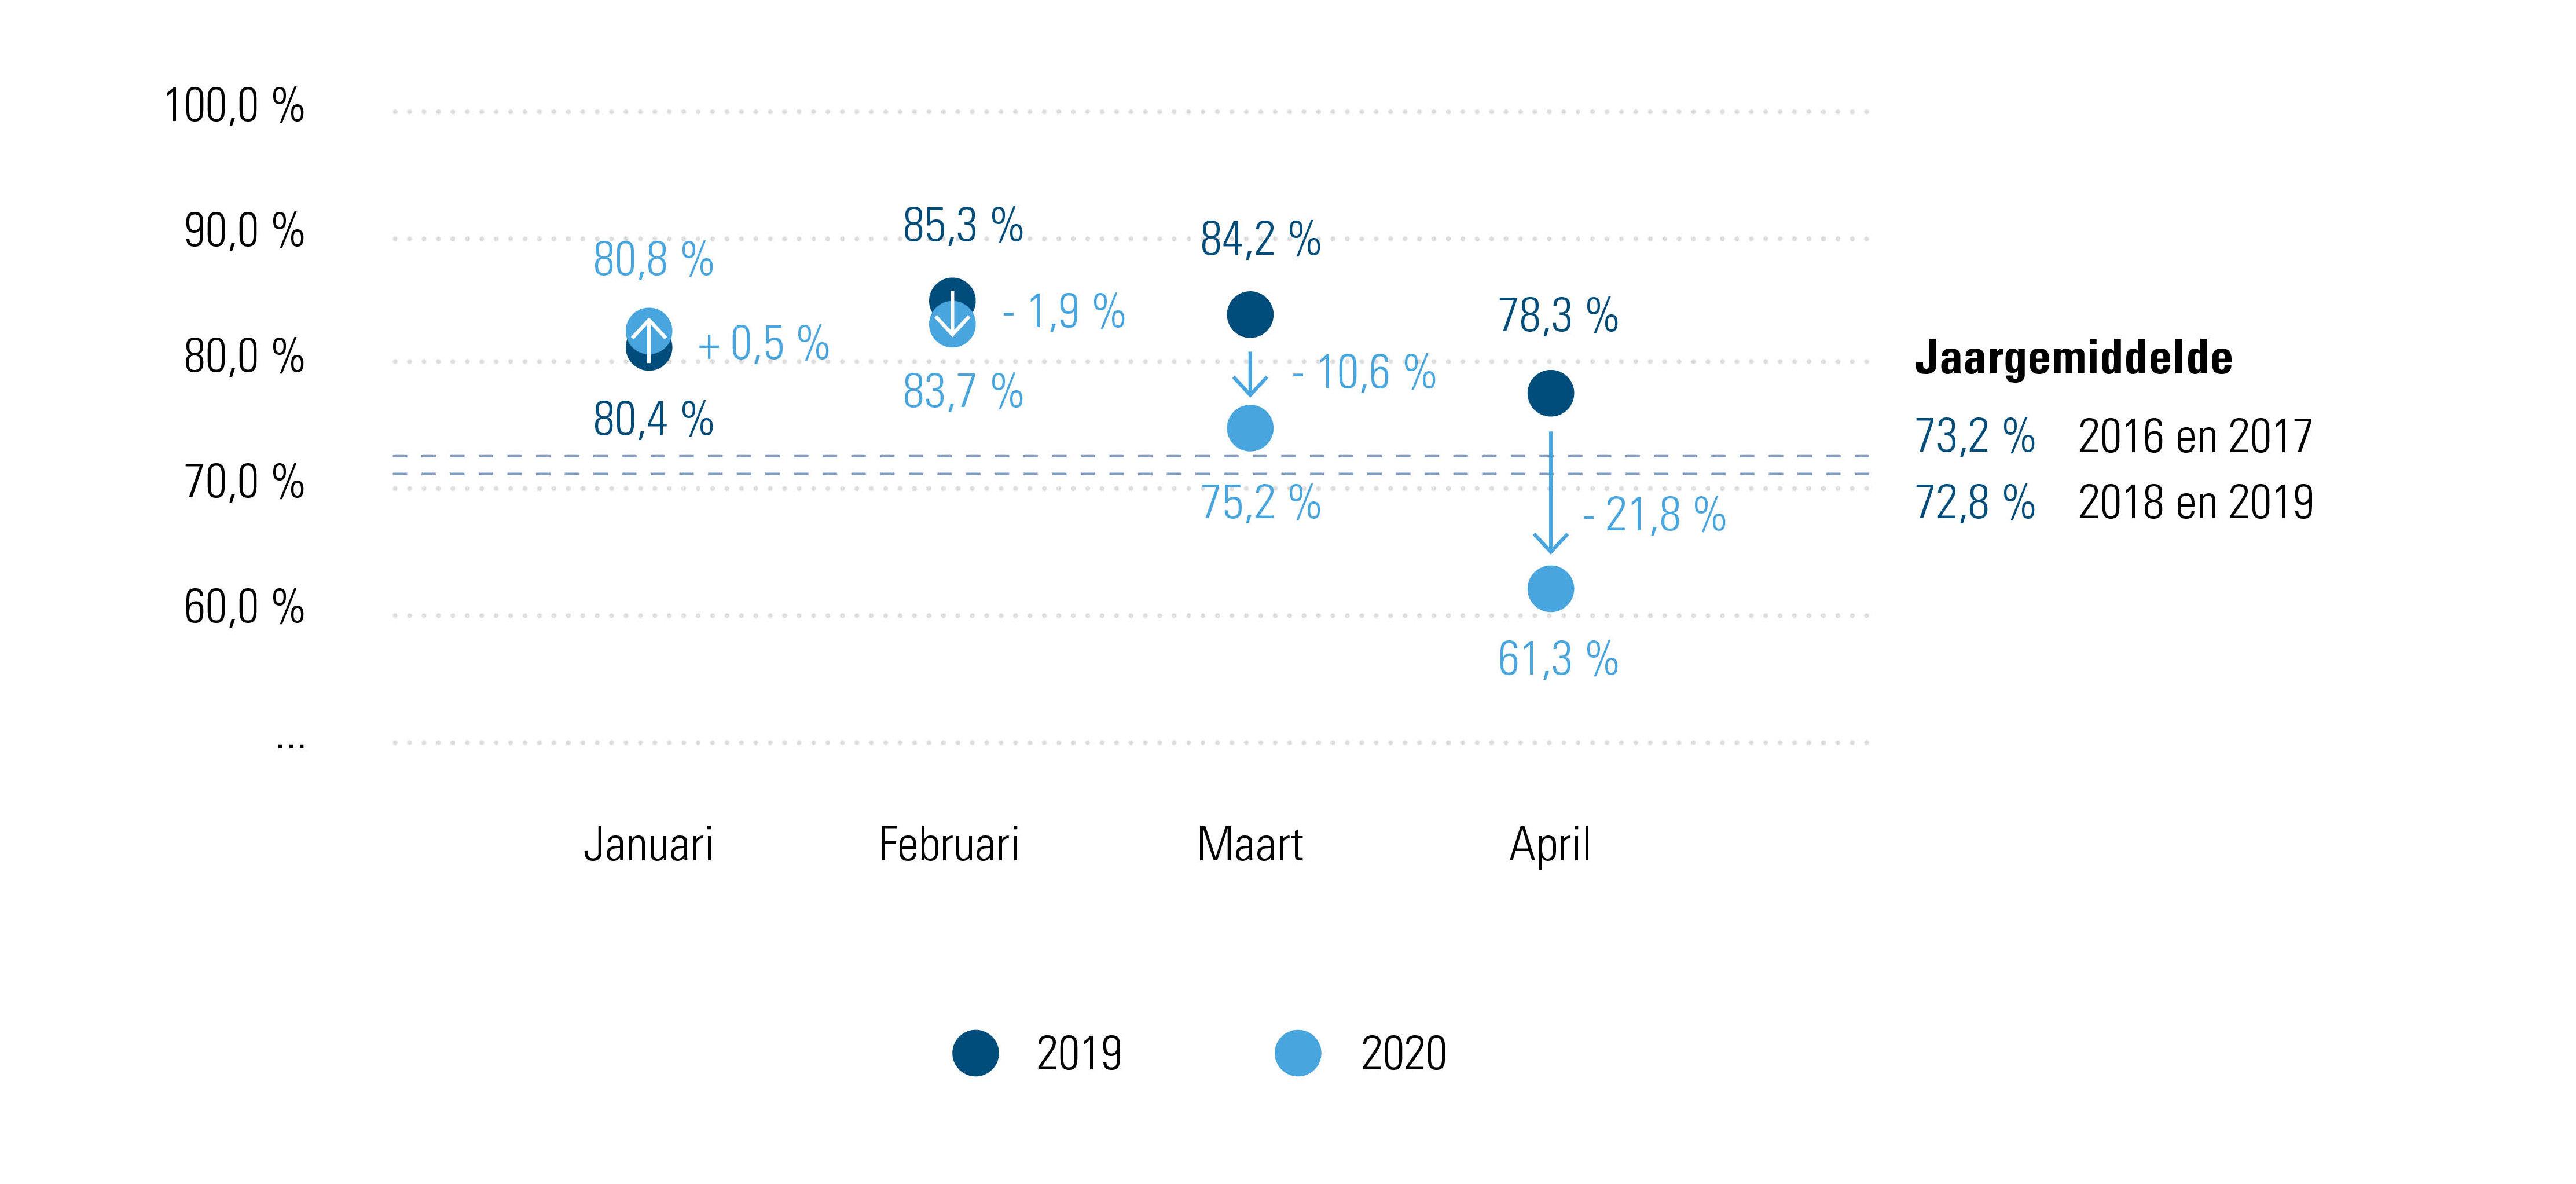 Figuur 1: % gepresteerde werkuren, 2016-2019 en 2019-2020 per maand